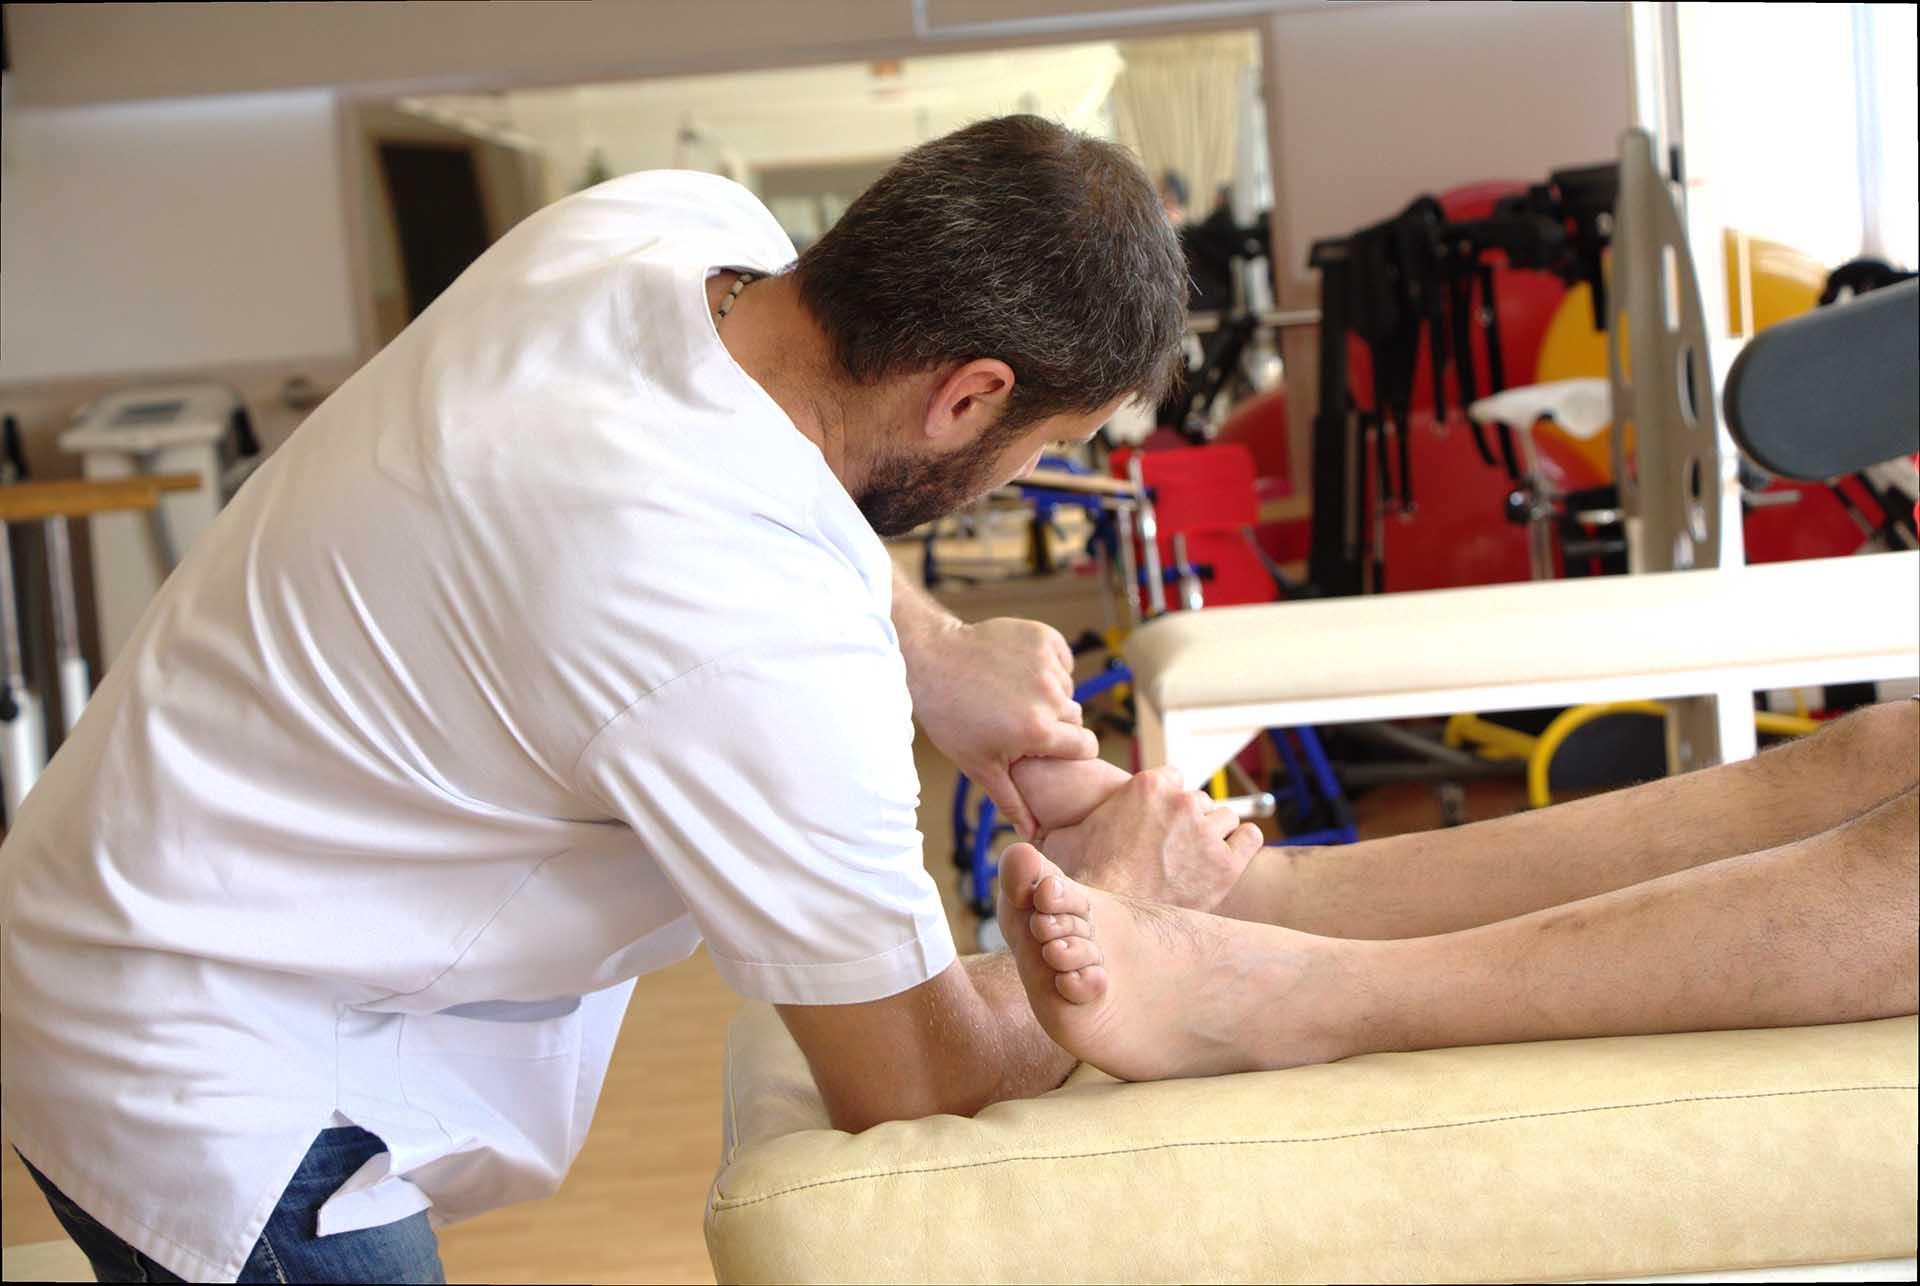 Toumazi Physio Gallery - Kinesiotherapy foot